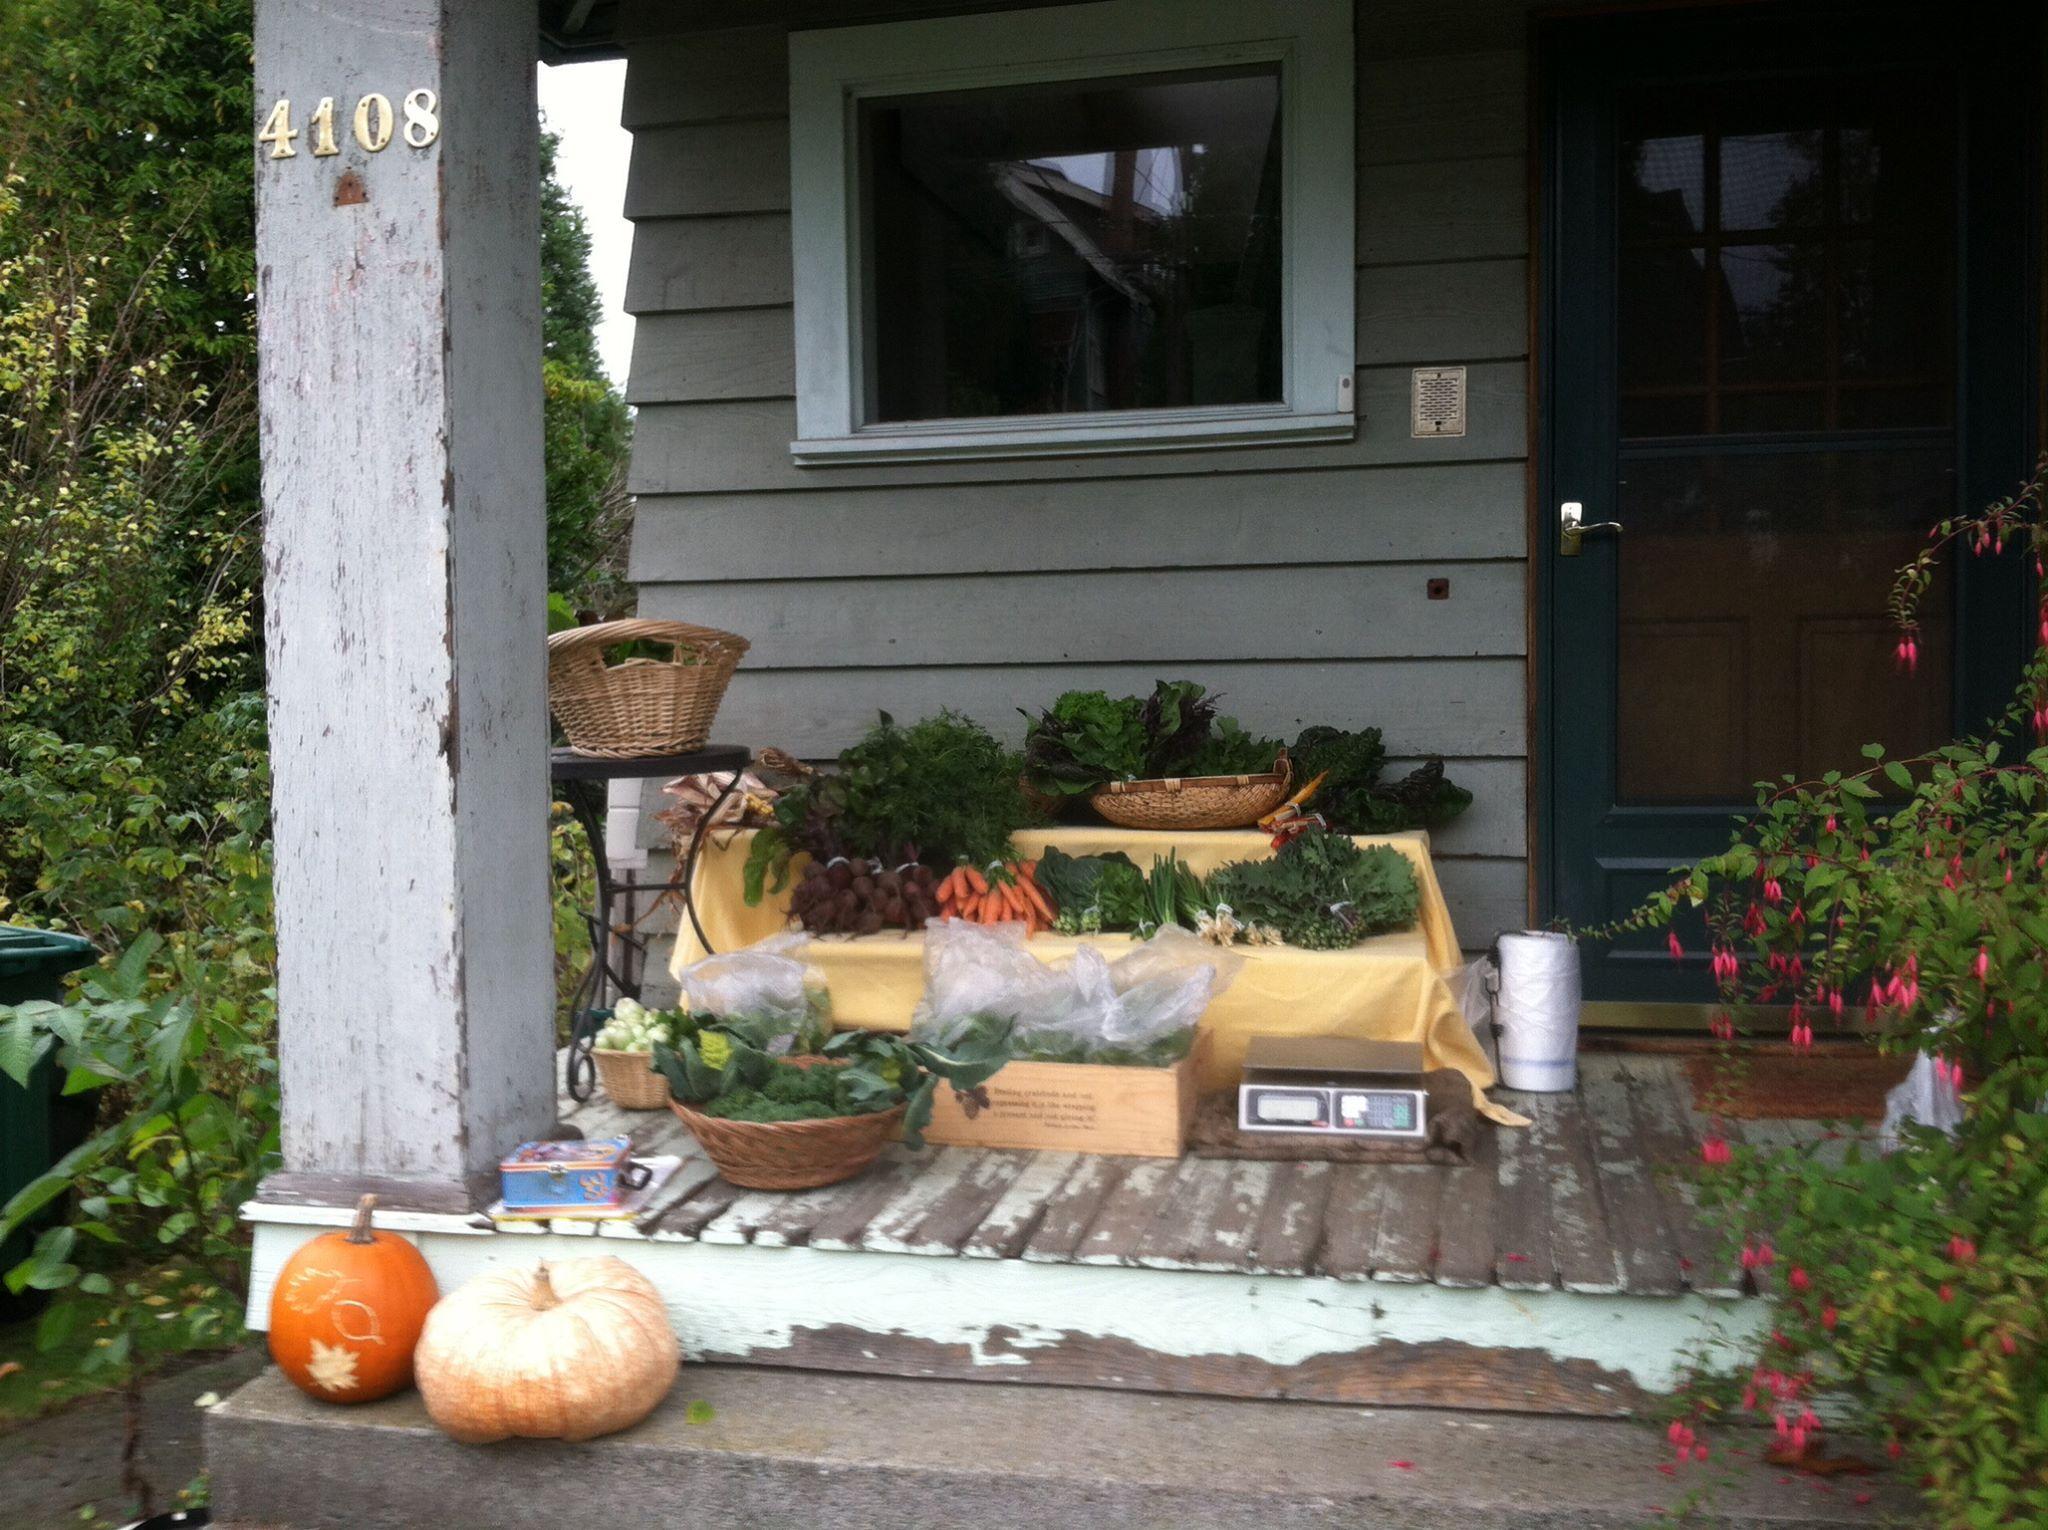 SF photo City Grown Seattle porch shop